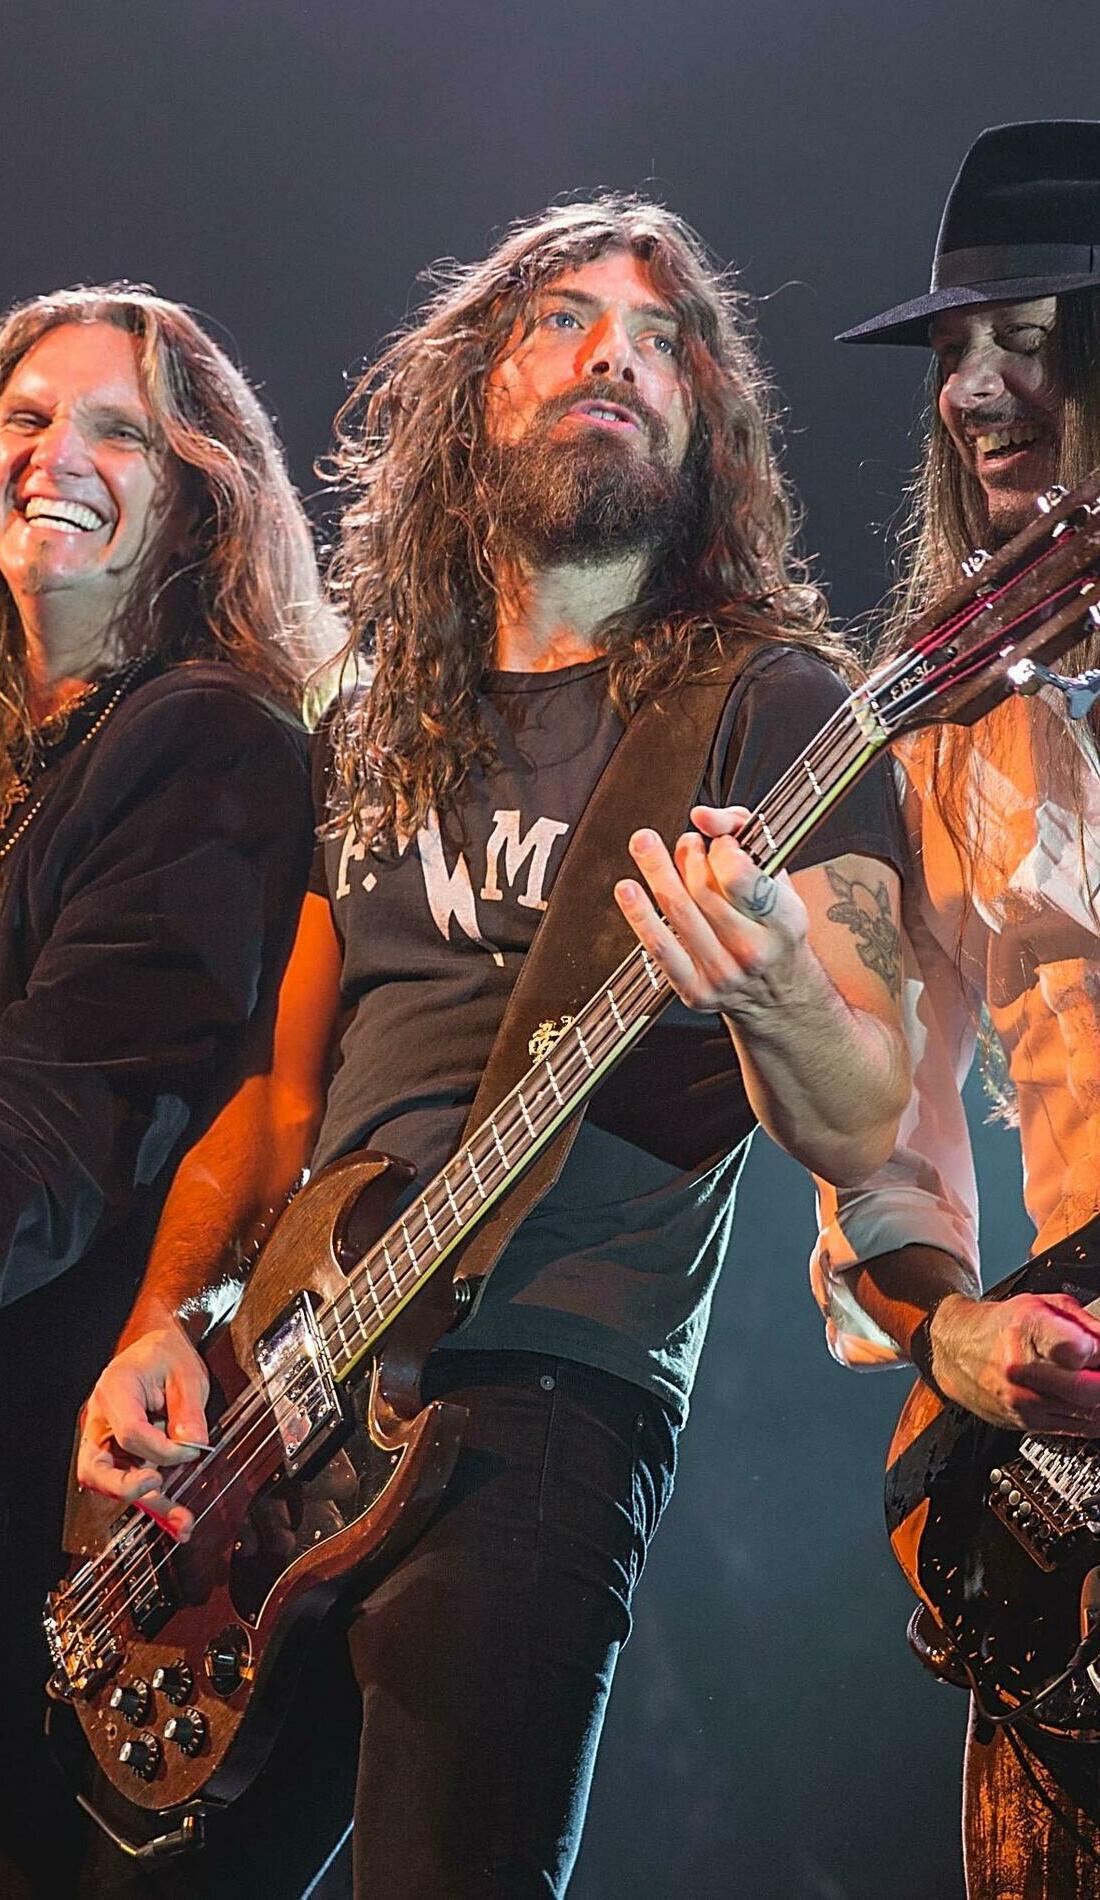 A Whitesnake live event